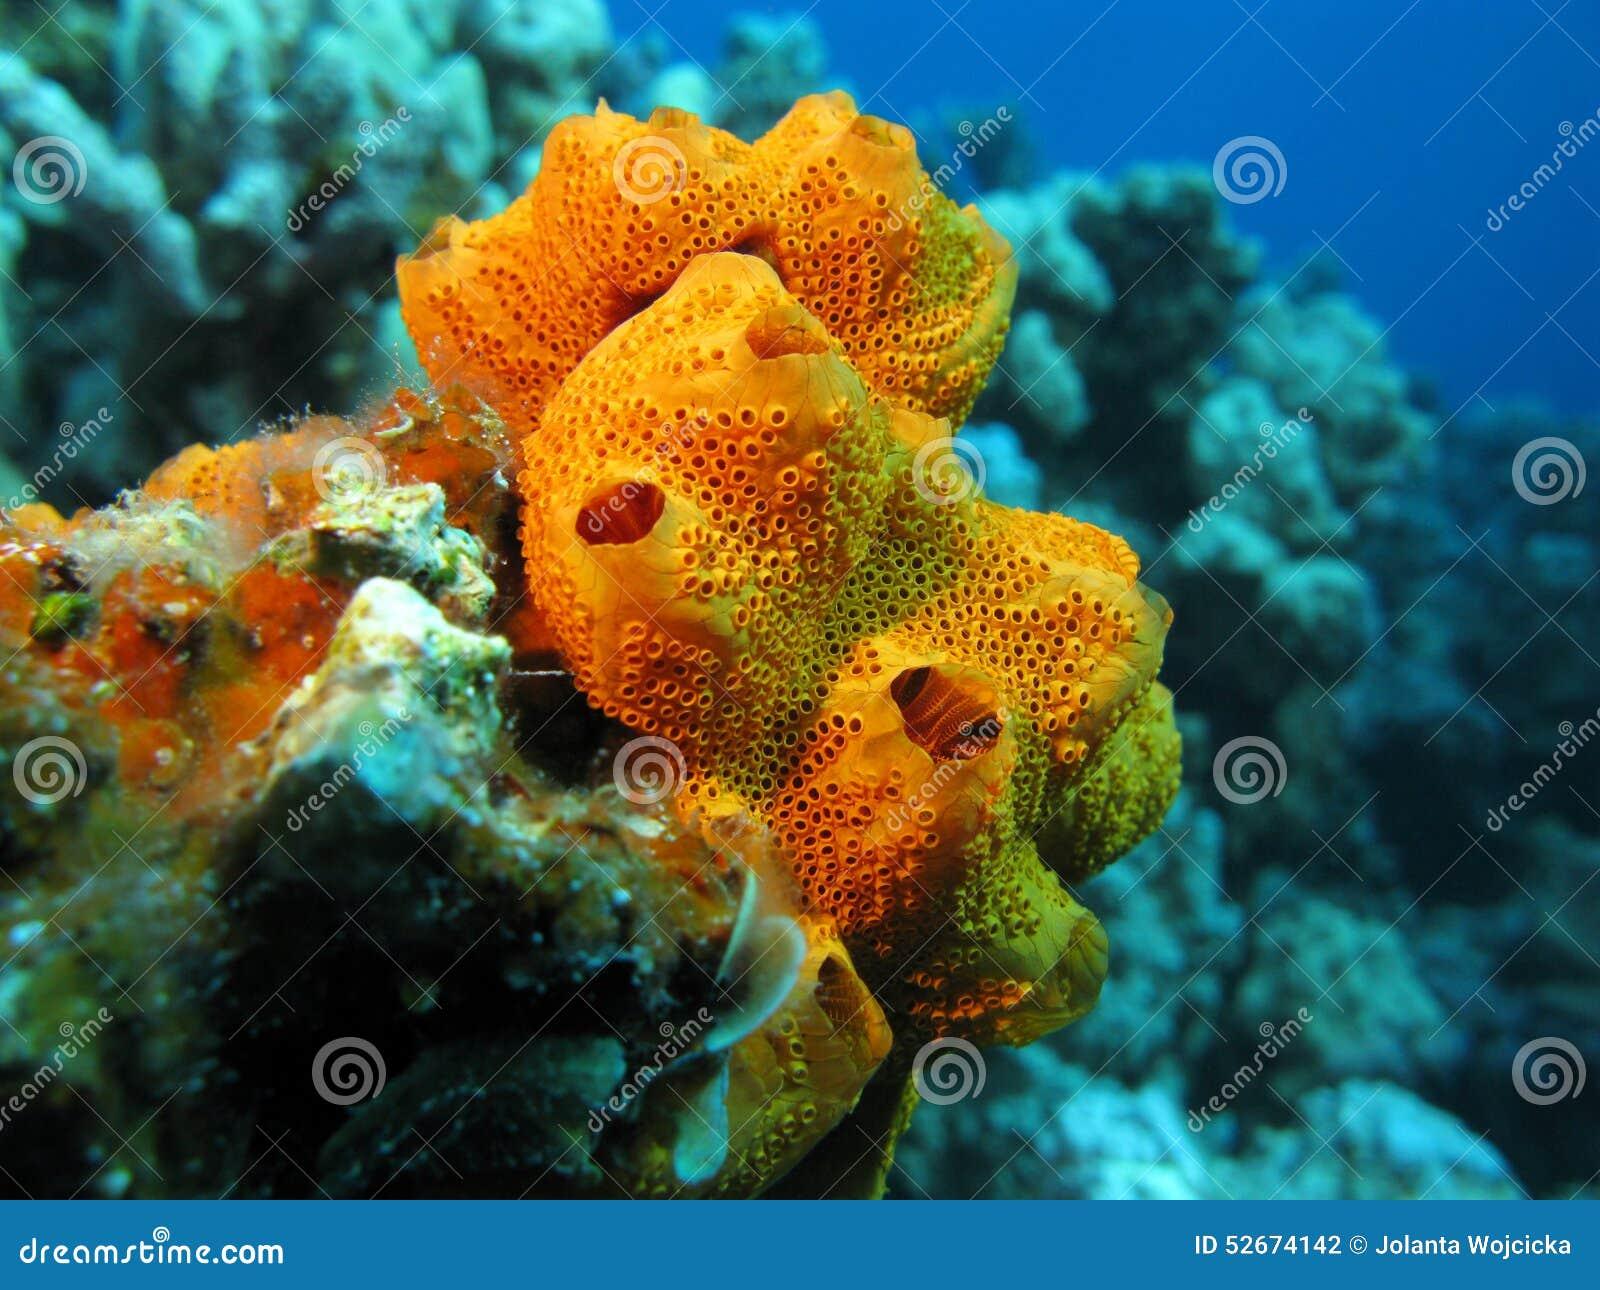 Korallenriff mit dem schönen großen orange Seeschwamm, Unterwasser